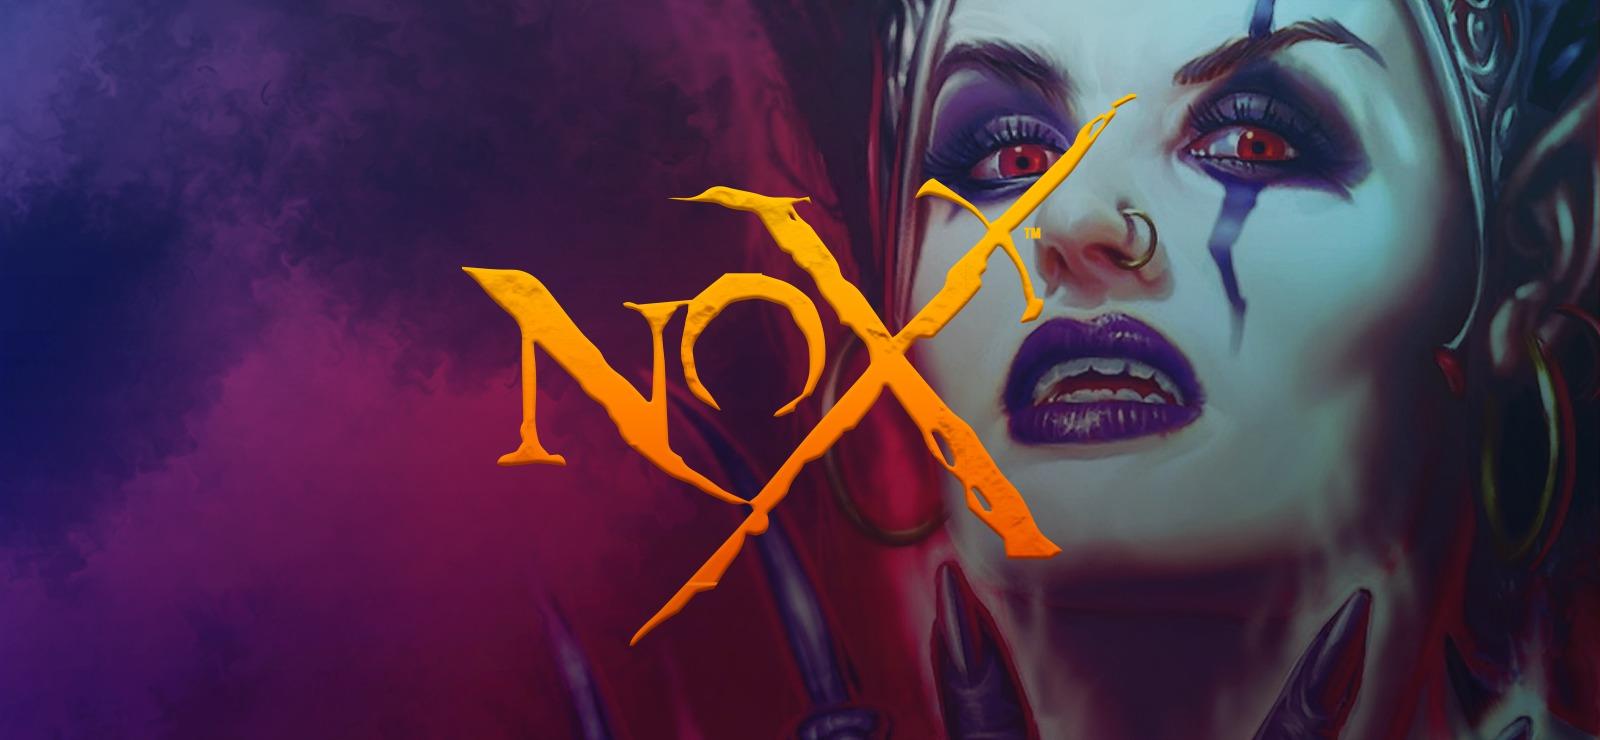 Nox um rpg no estilo de diablo est gratuito no origin wasd stopboris Choice Image